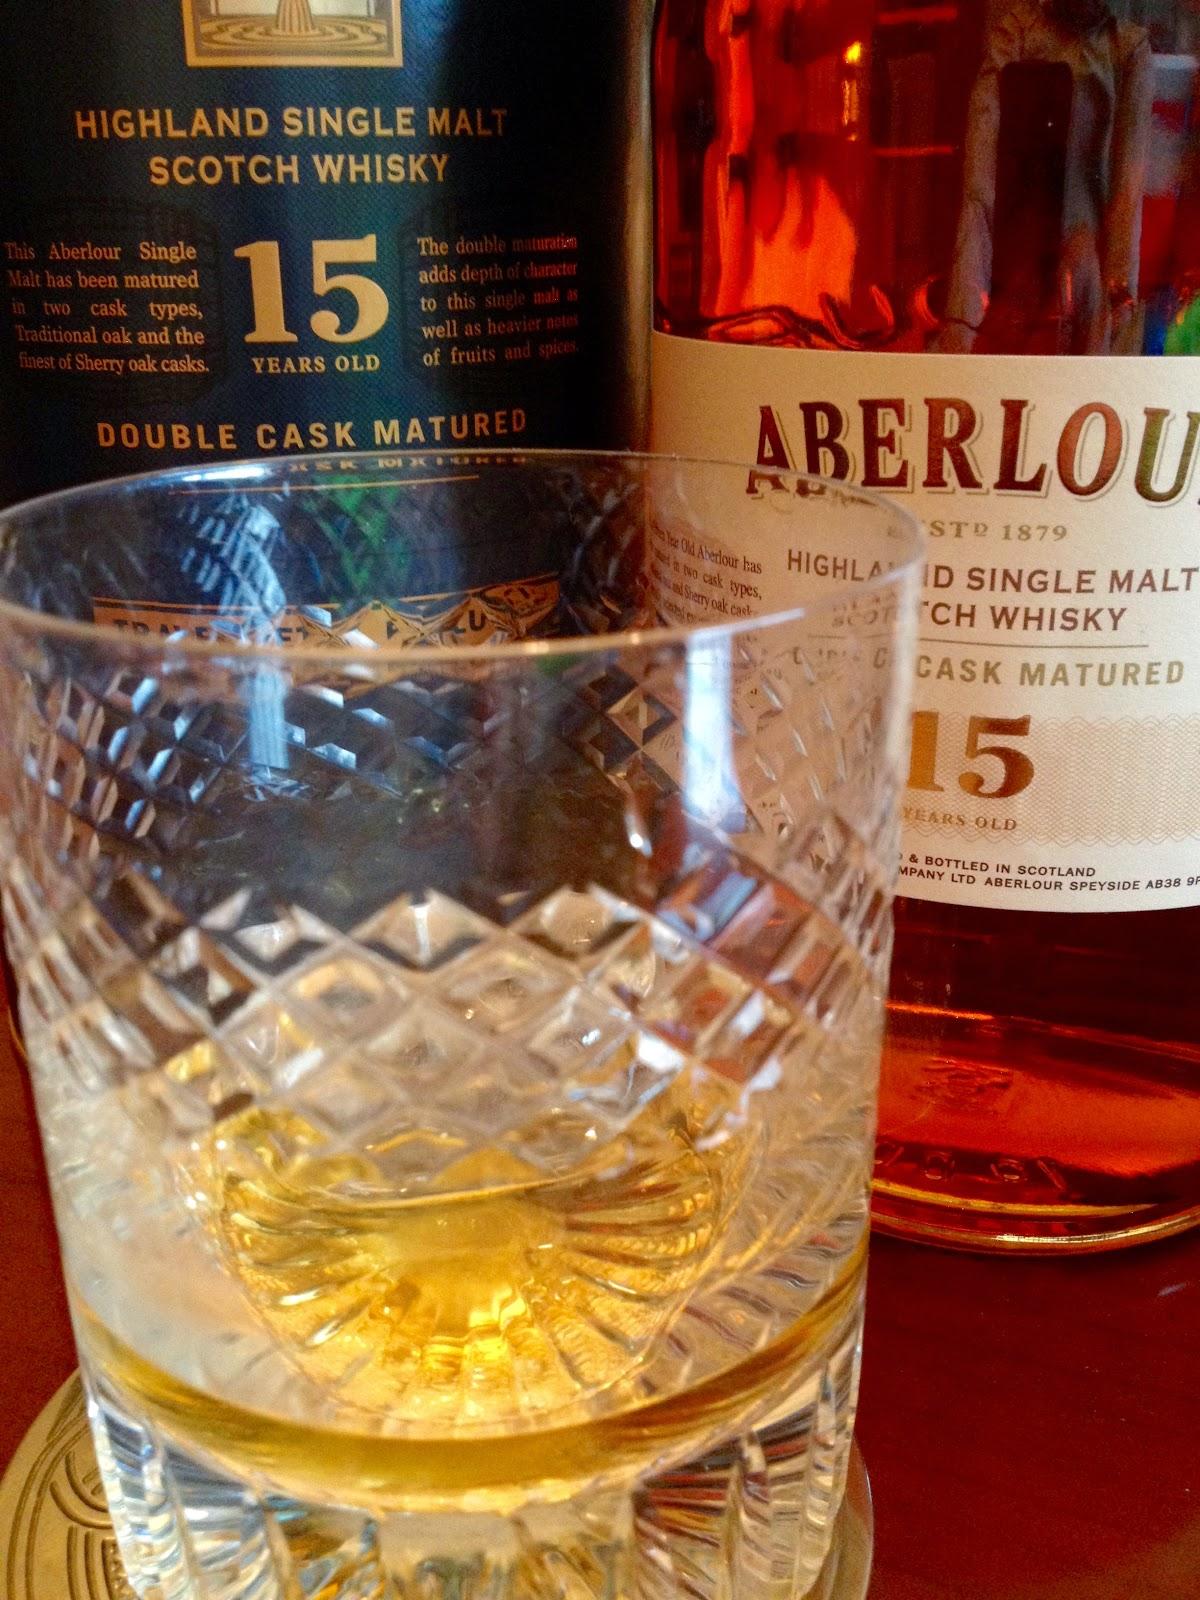 Aberlour - 15 Years - Introducción al Whisky - Whisky - güisqui - RAE - Álvaro García - alvarogp - el gastrónomo - el troblogdita